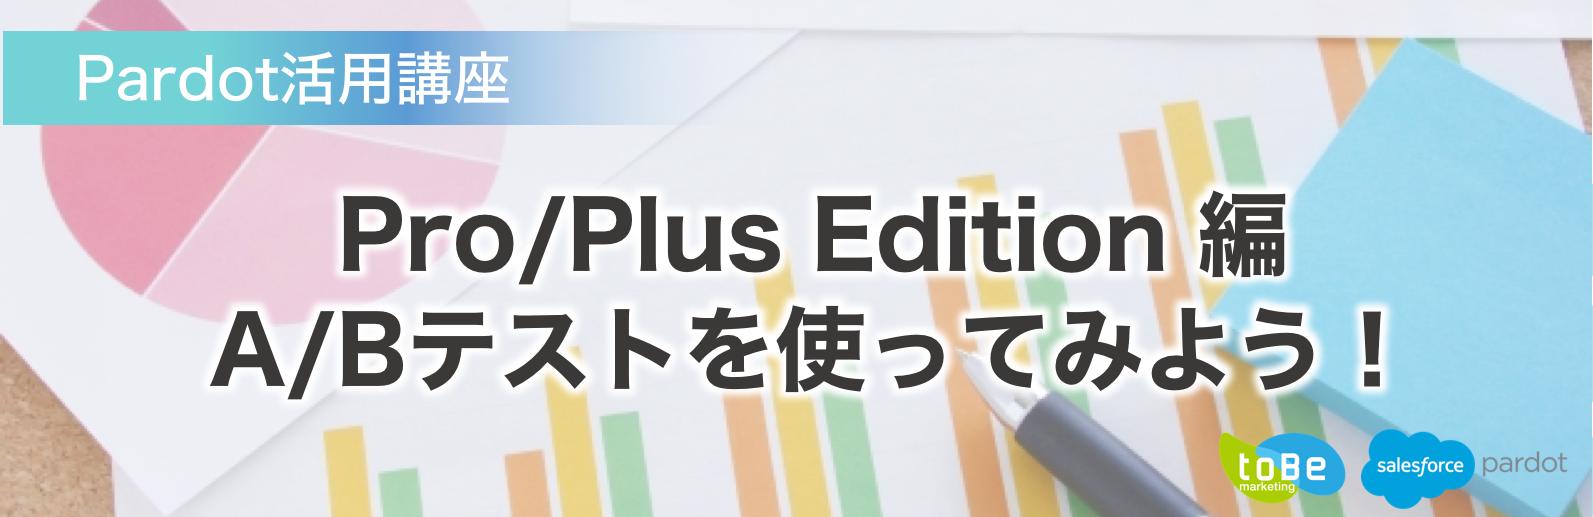 【MAnaviオンライン】 Pro / Plus Edition編 「A/Bテスト機能を使ってみよう!」